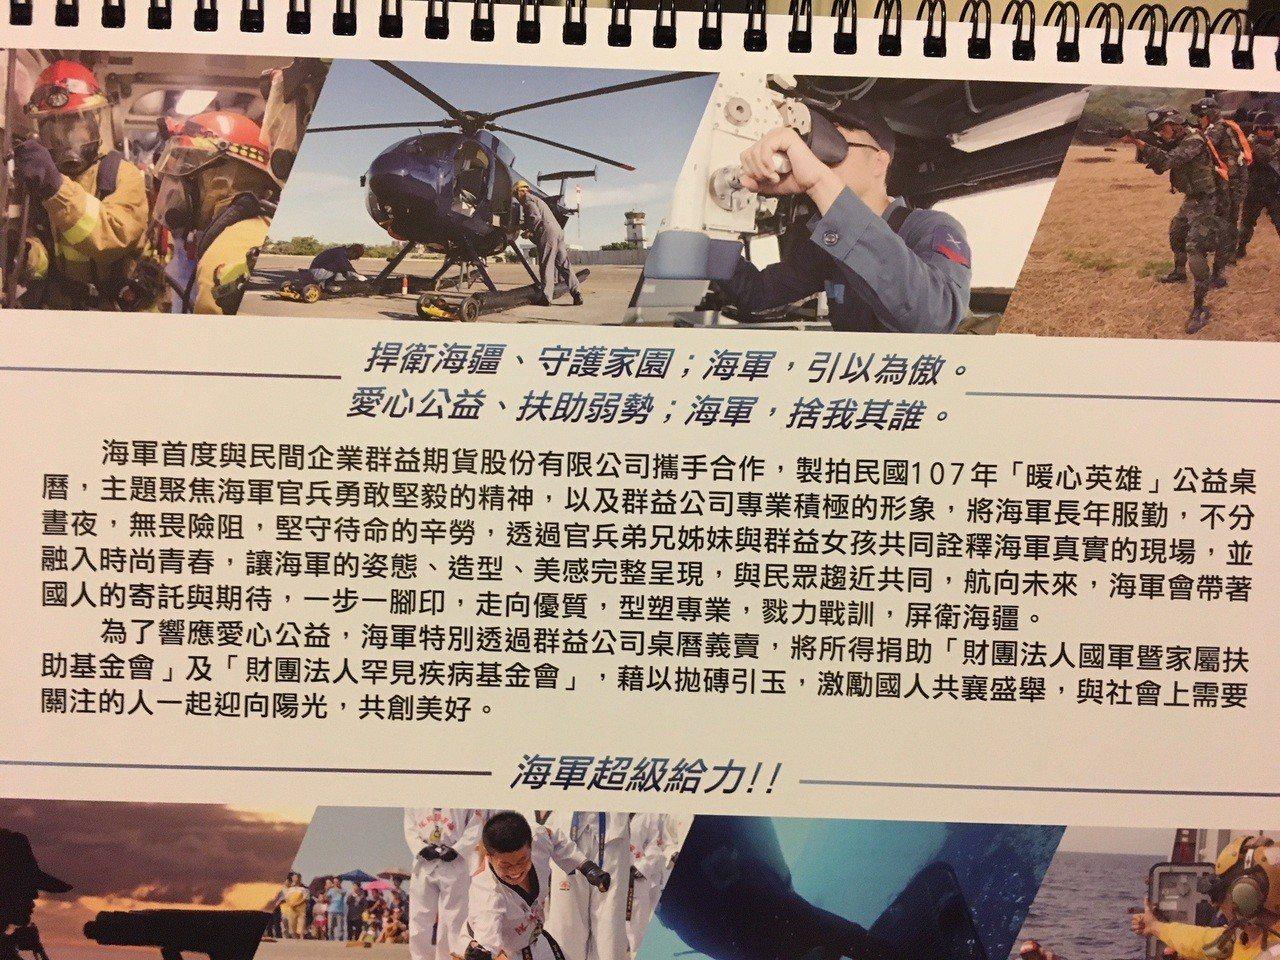 海軍在月曆末尾已說明,月曆影象內容是透過官兵弟兄姐妹與群益女孩共同詮釋海軍真實的...